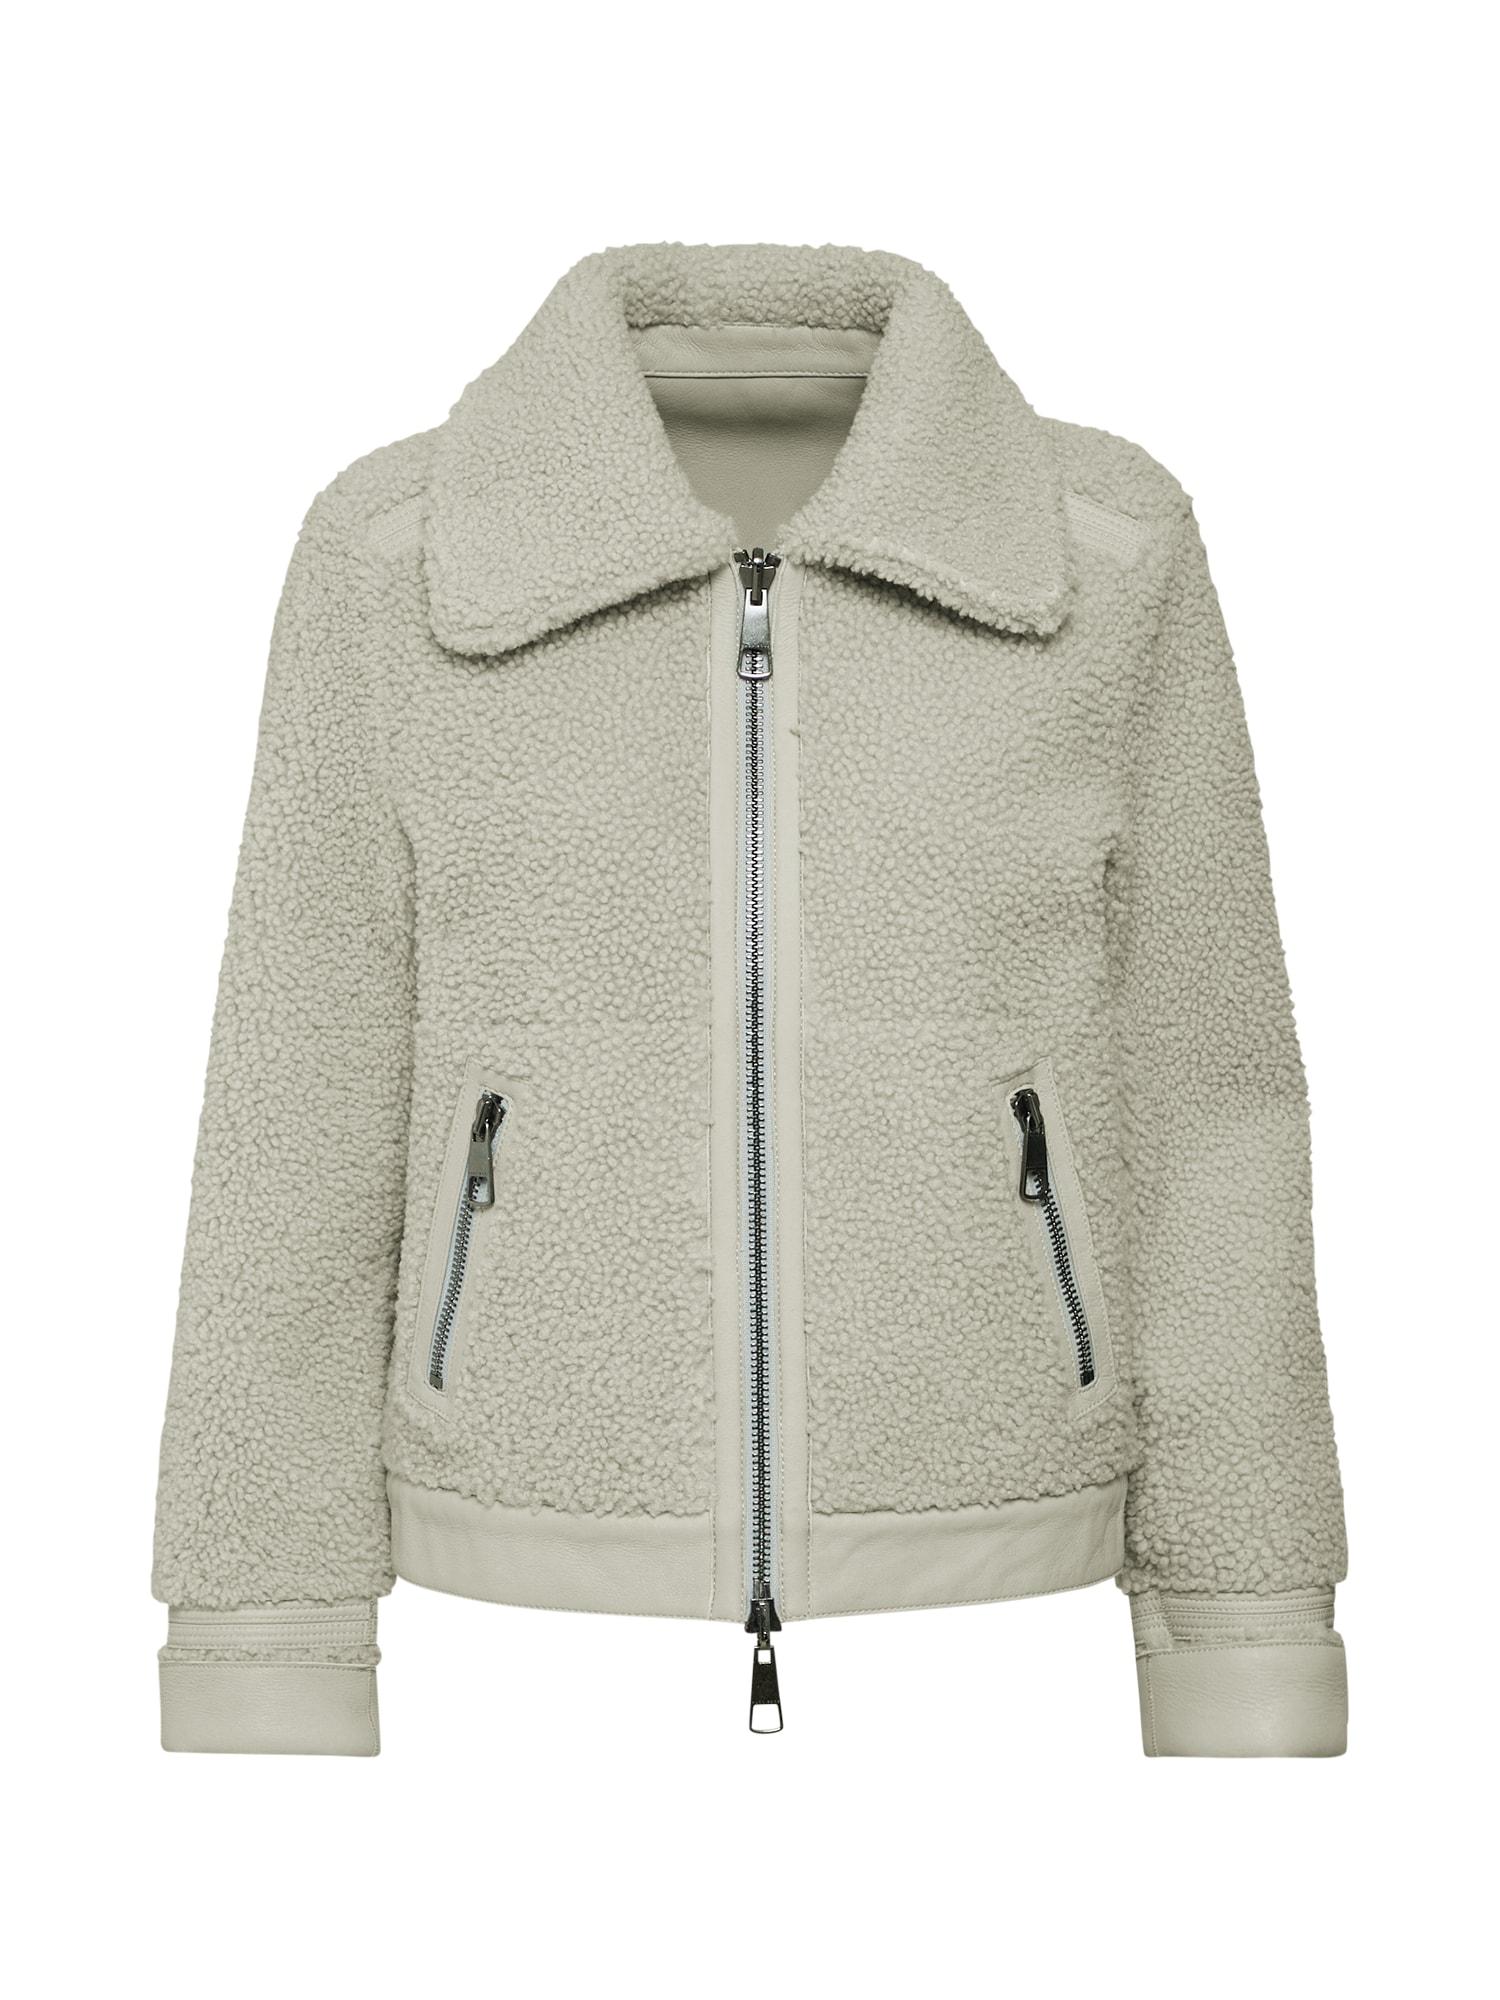 Zimní bunda Juwish stříbrně šedá BOSS